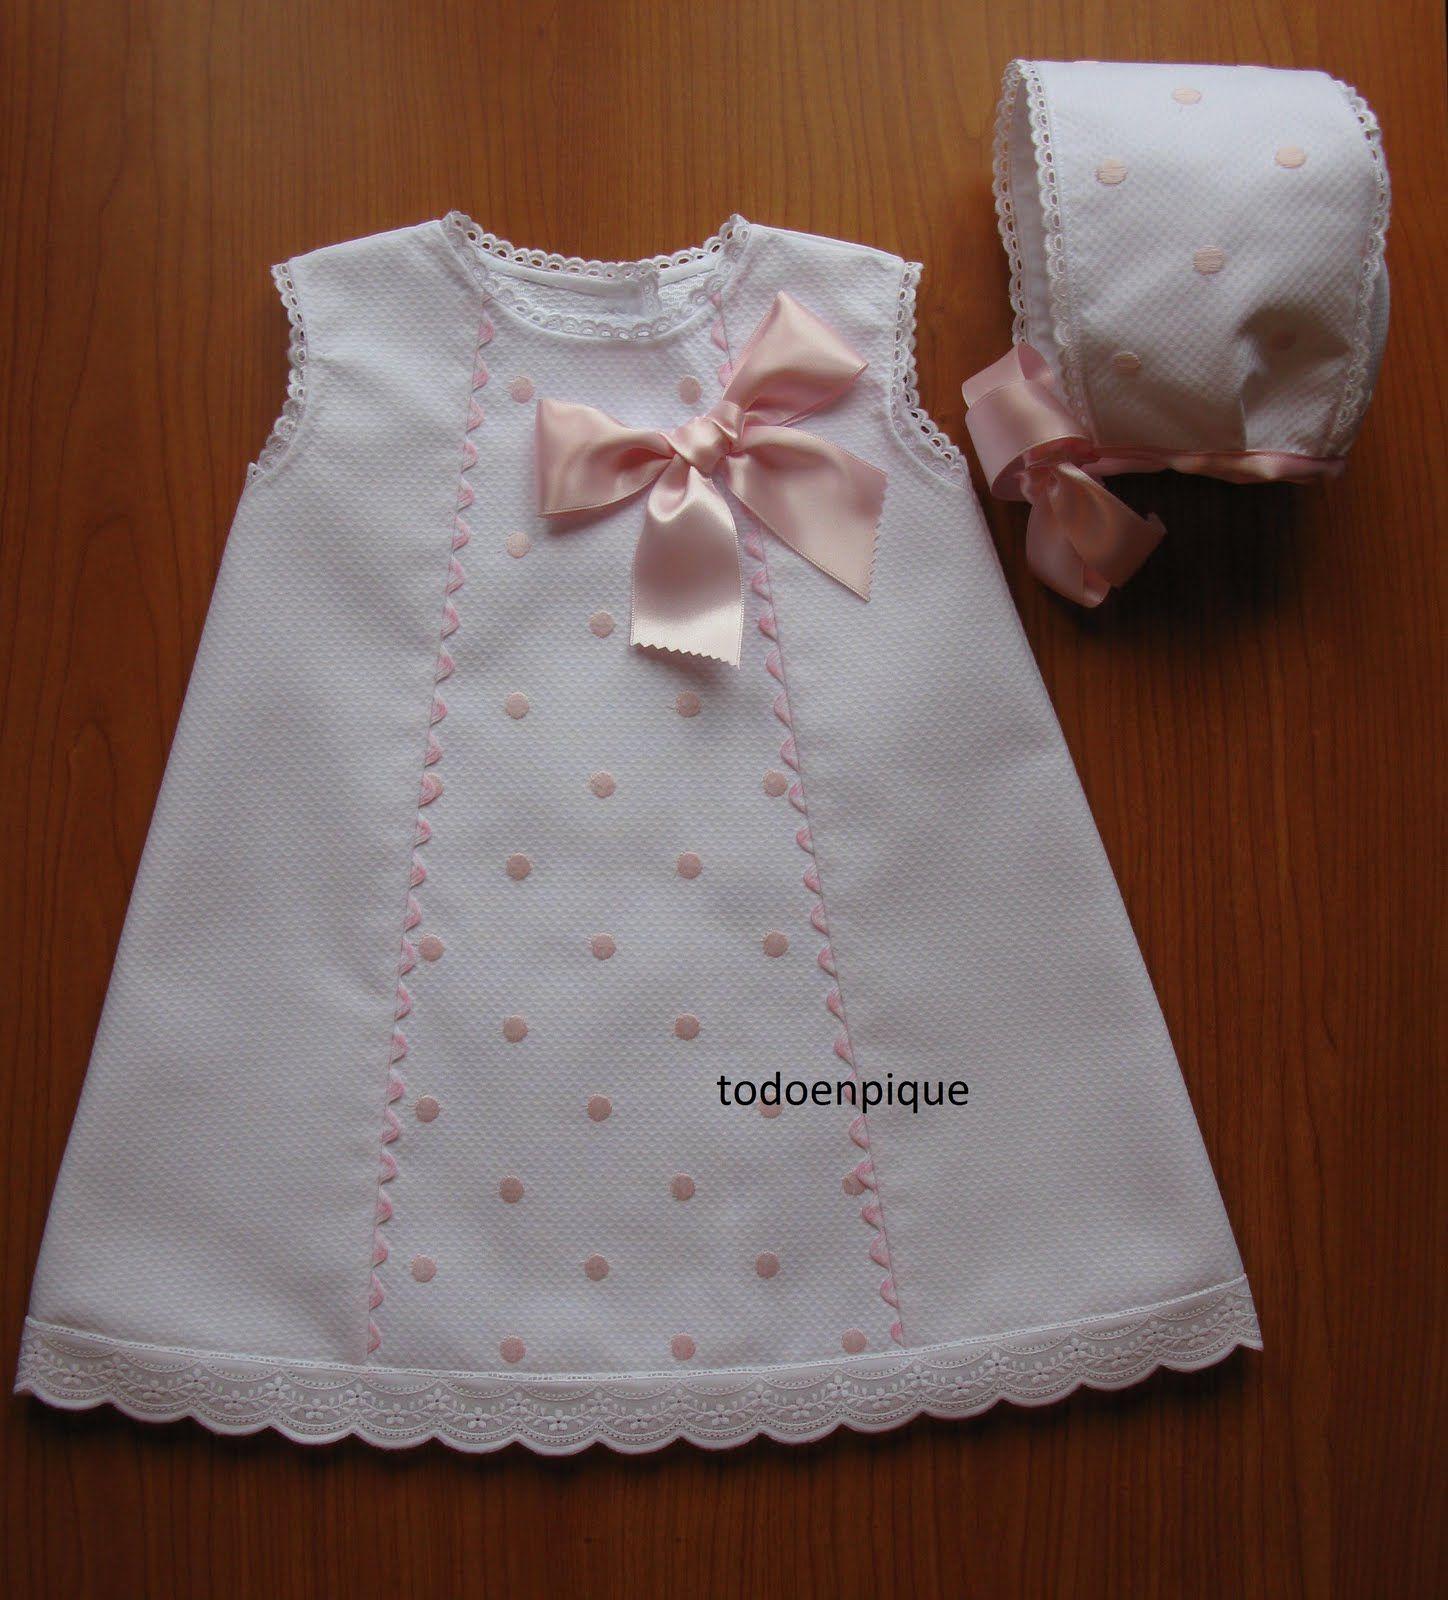 TODO EN PIQUE para bebé | More Baby things - now and then ...